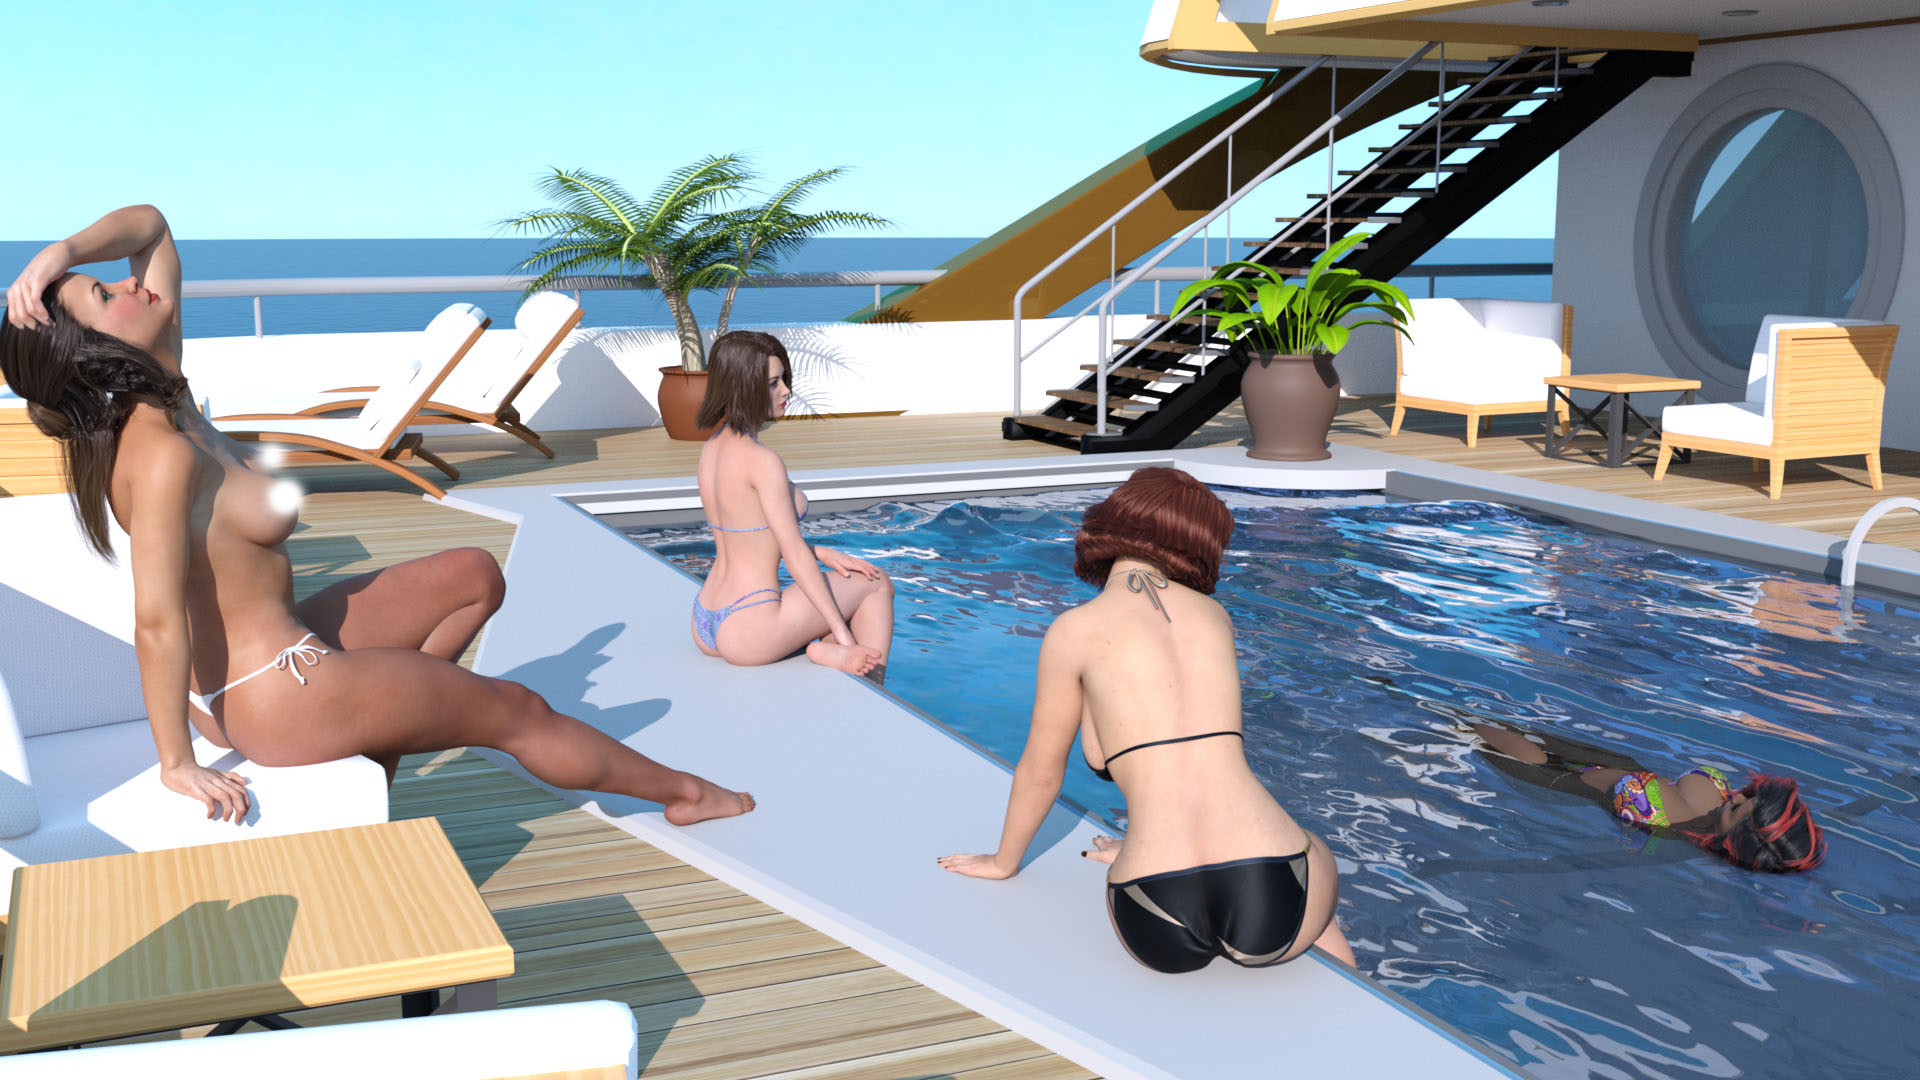 水上世界-WaterWorld V1.20 汉化作弊版 +攻略【更新/SLG/07-04-01/1.1G】